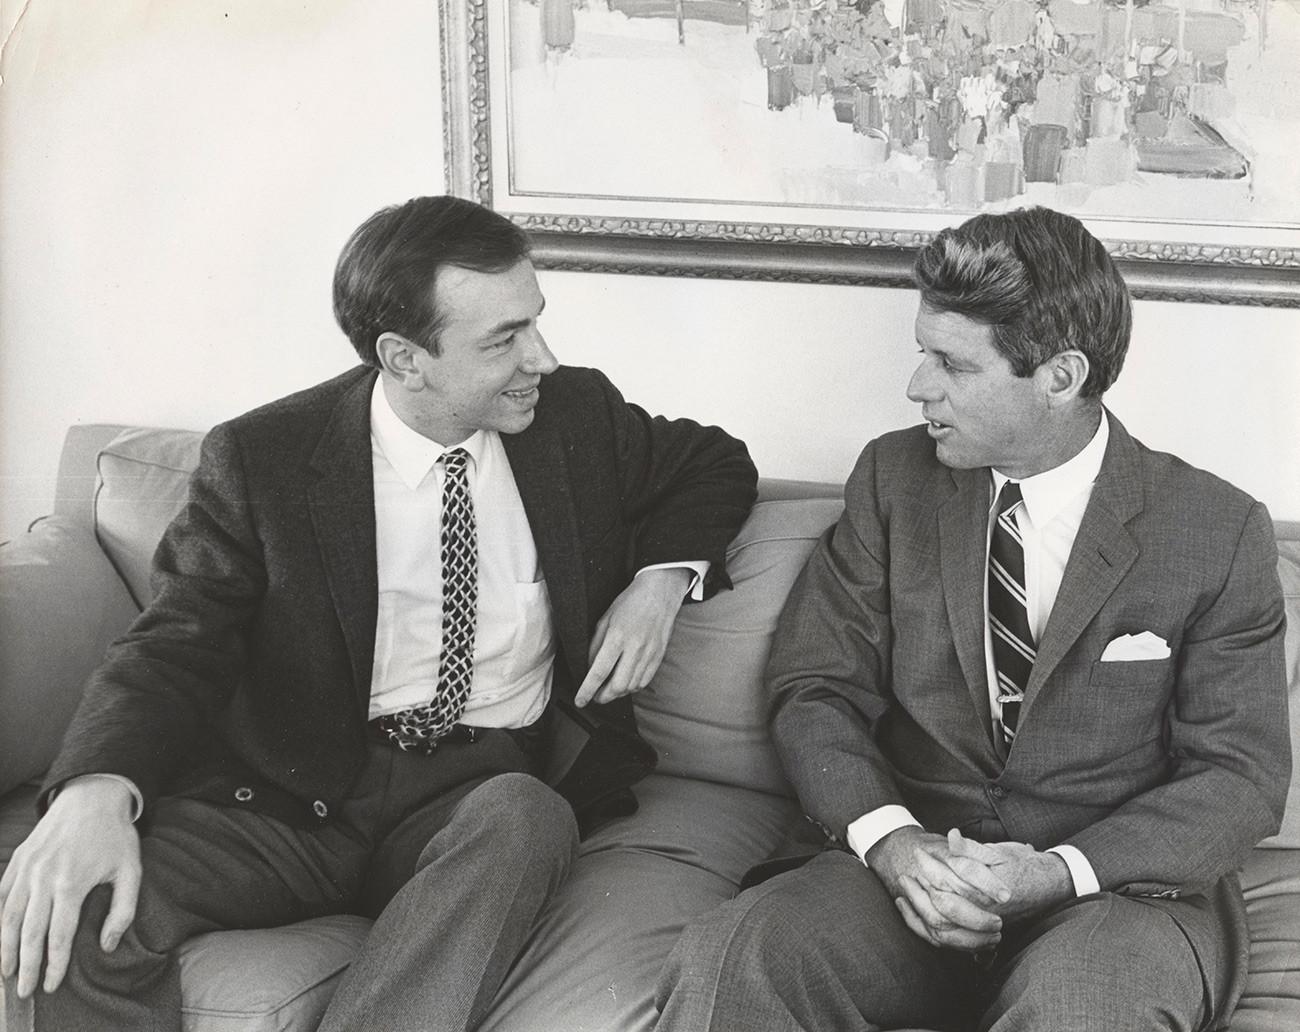 アンドレイ・ヴォズネセンスキーとロバート・ケネディ、1967年